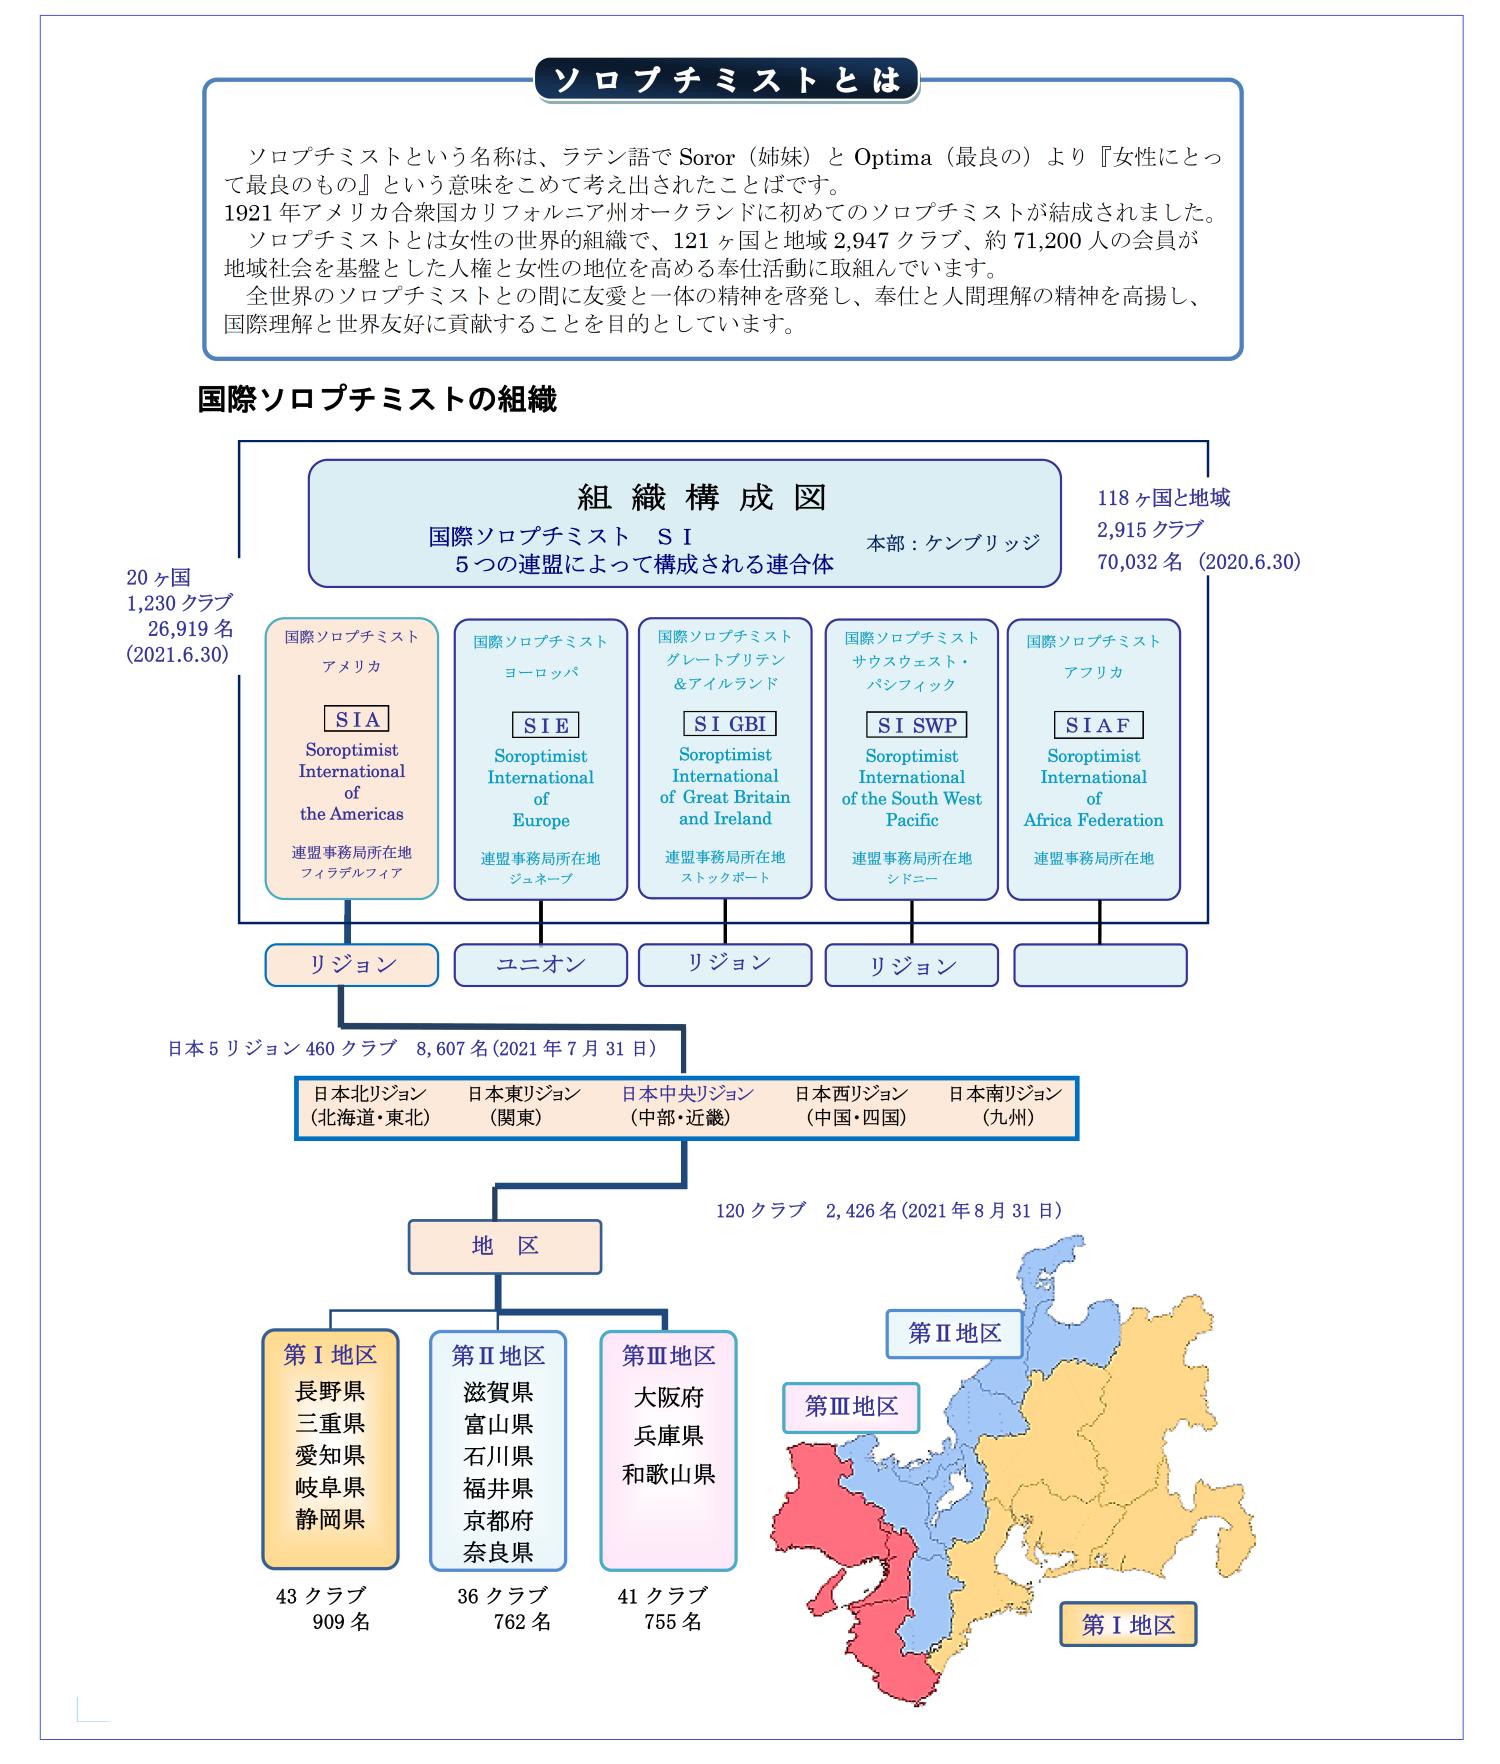 https://www.si-wakayama.com/assets_c/2021/09/ri-furettoyousoshikizu1500-thumb-1500x1764-3195.png